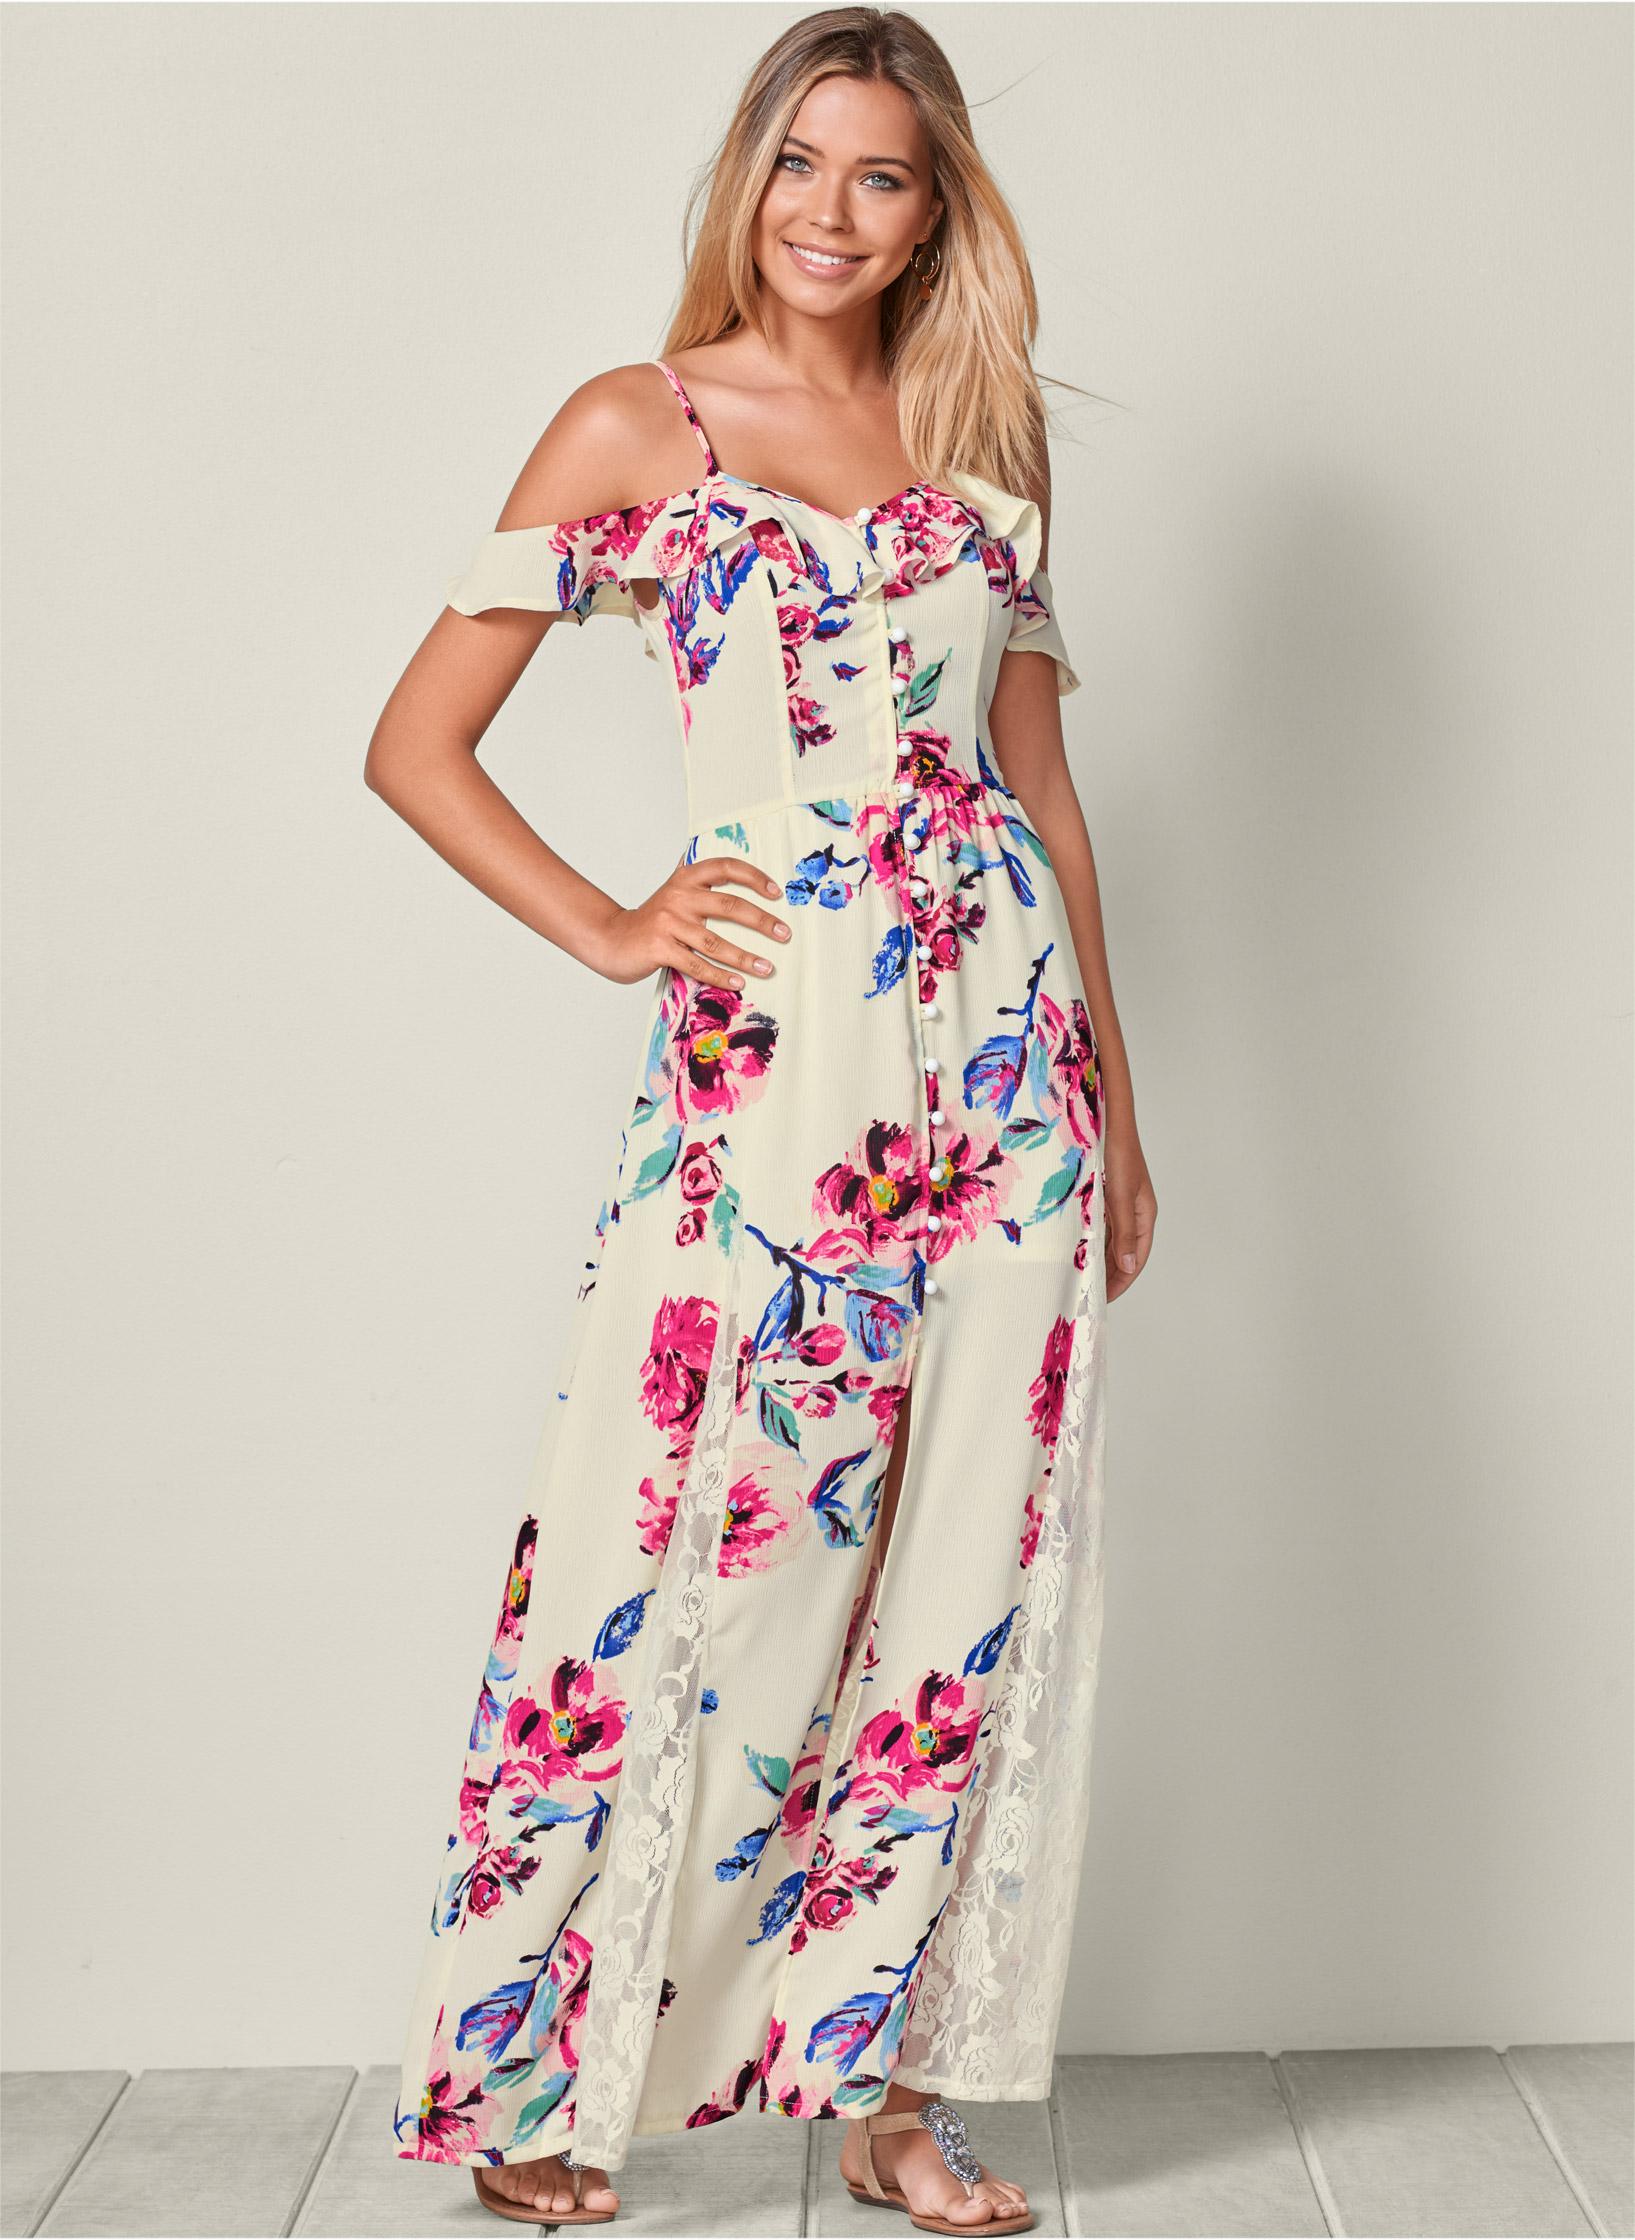 Maxi Dresses Floral Lace Amp Tie Dye Dresses VENUS